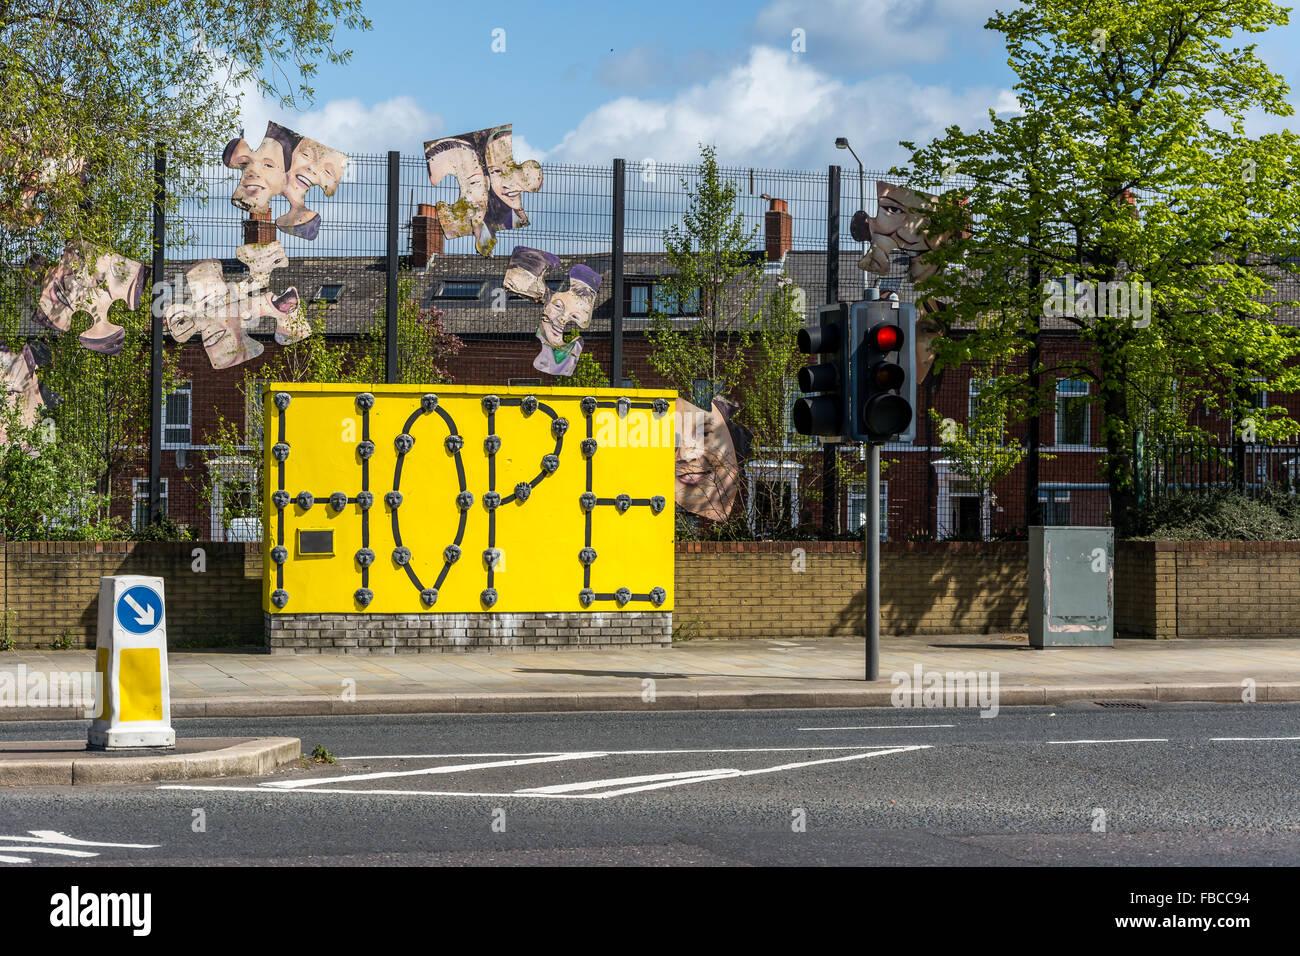 Esperanza de muro de piedra proyecto realizado por los niños de la escuela católica y protestante en Belfast oriental Foto de stock